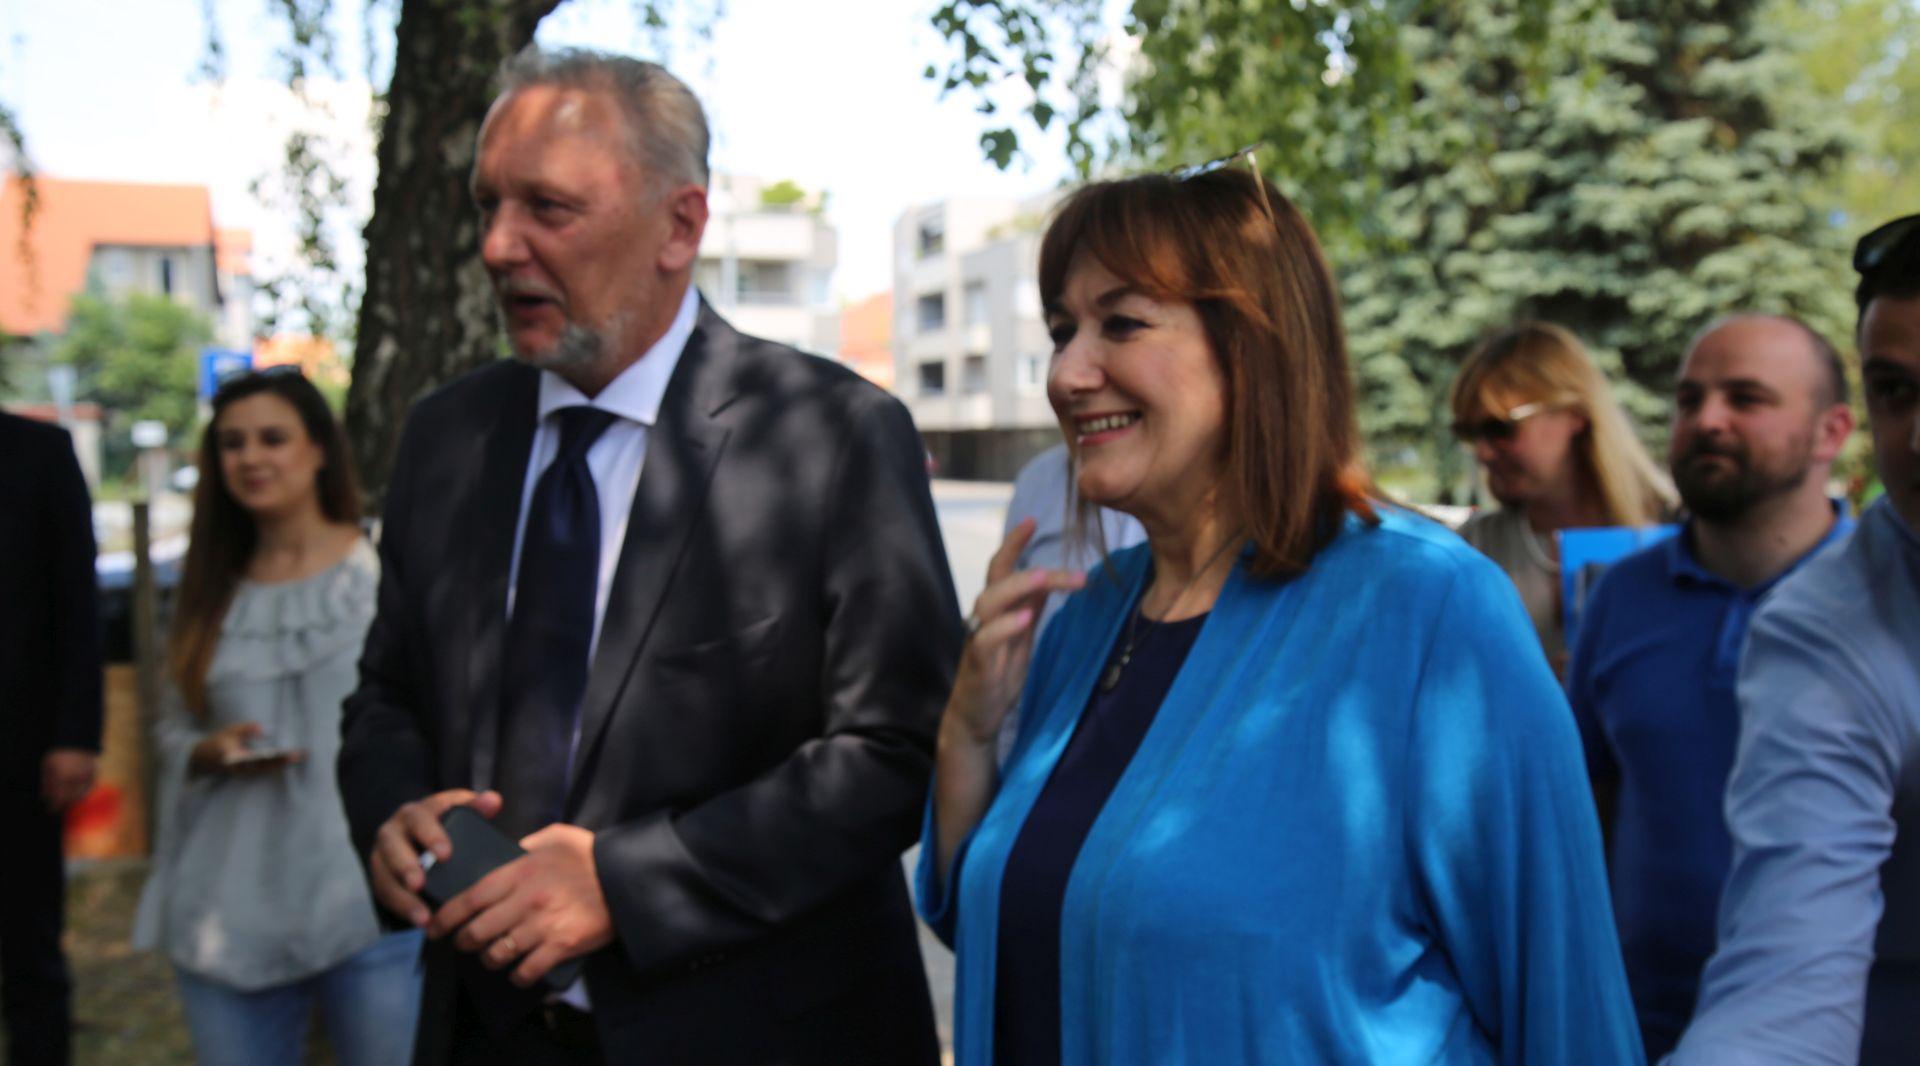 IZBJEGLICE NEZADOVOLJNE SMJEŠTAJEM U PORINU Majka s djetetom stala pred ministrov auto